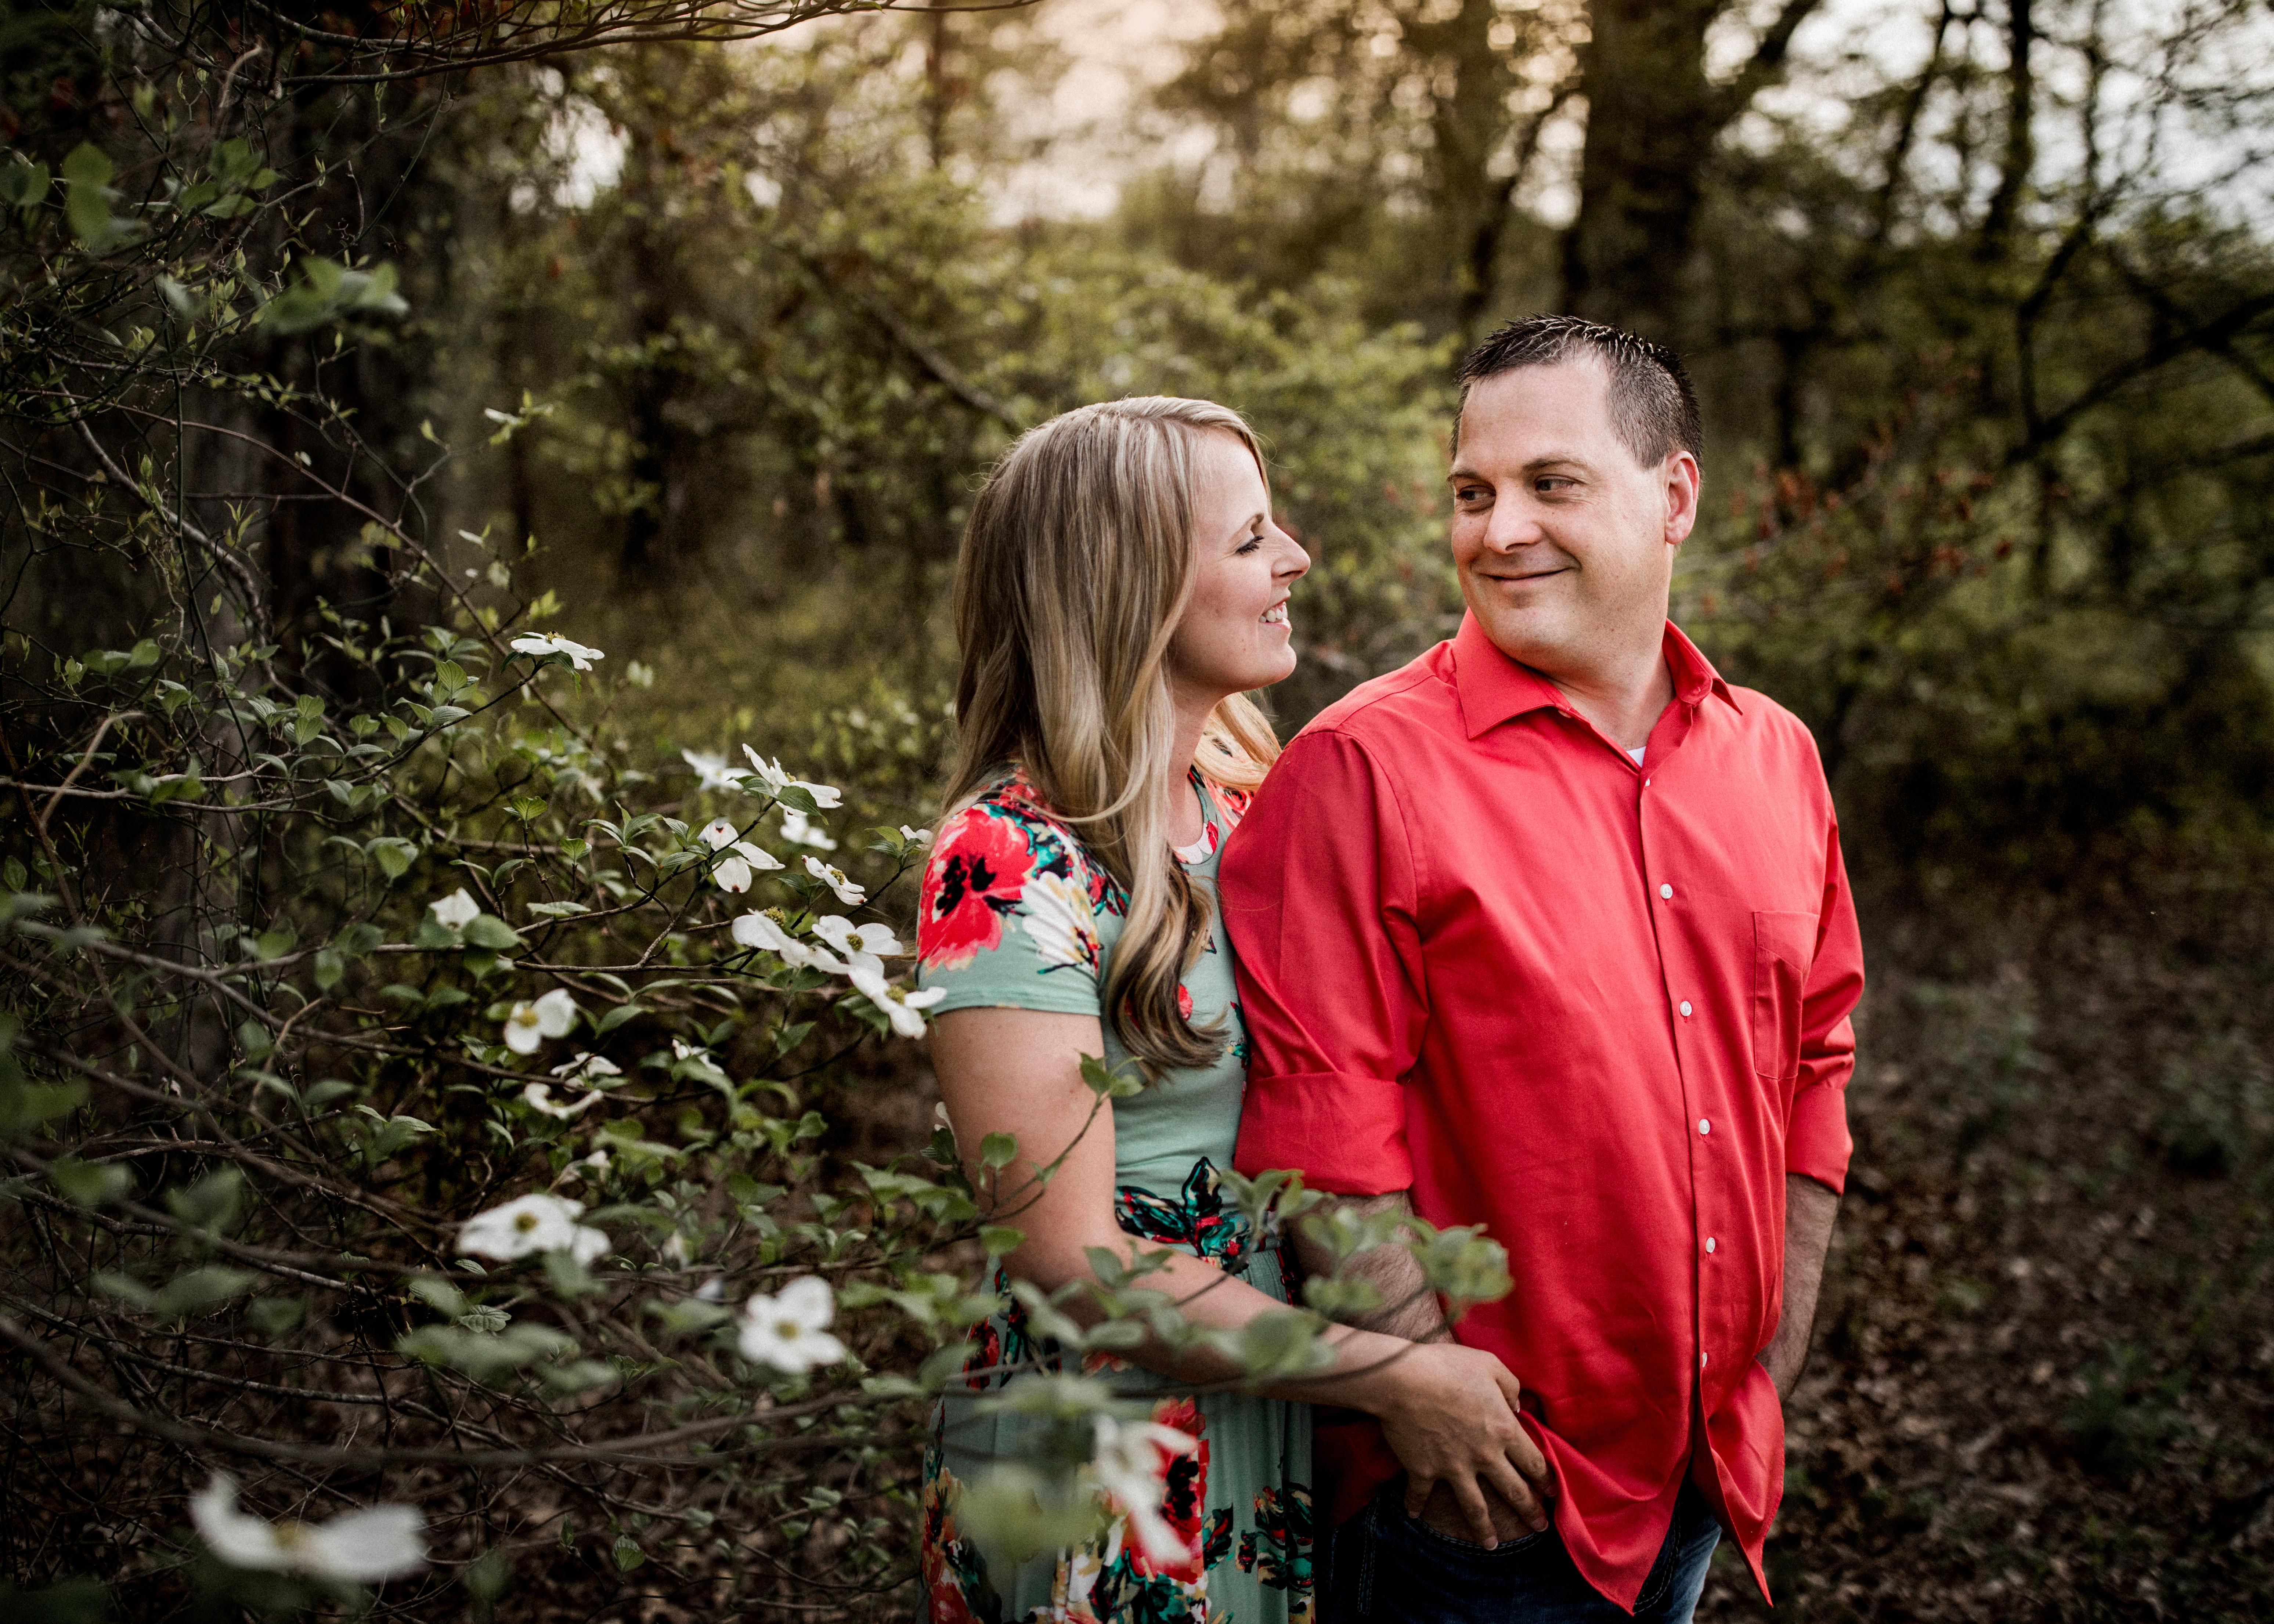 KelseyFarnhamPhotography-www.kelseyfarnham.com-mountainsfieldswoodsfamily-SouthCarolinaGreenville-11